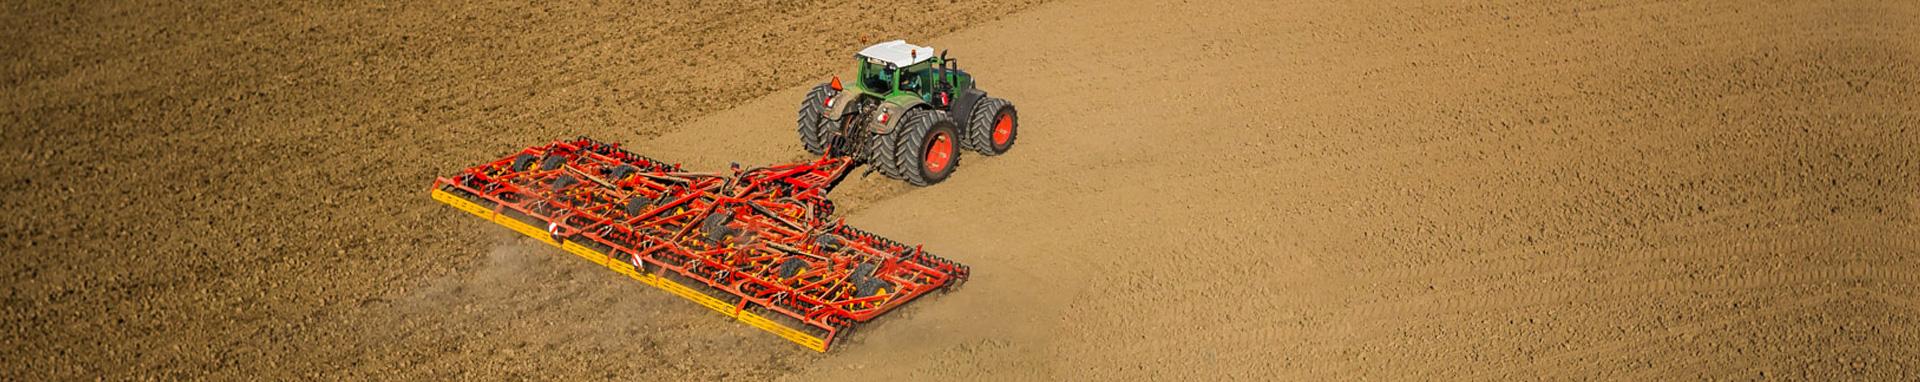 utilaje agricole agriprosolutions